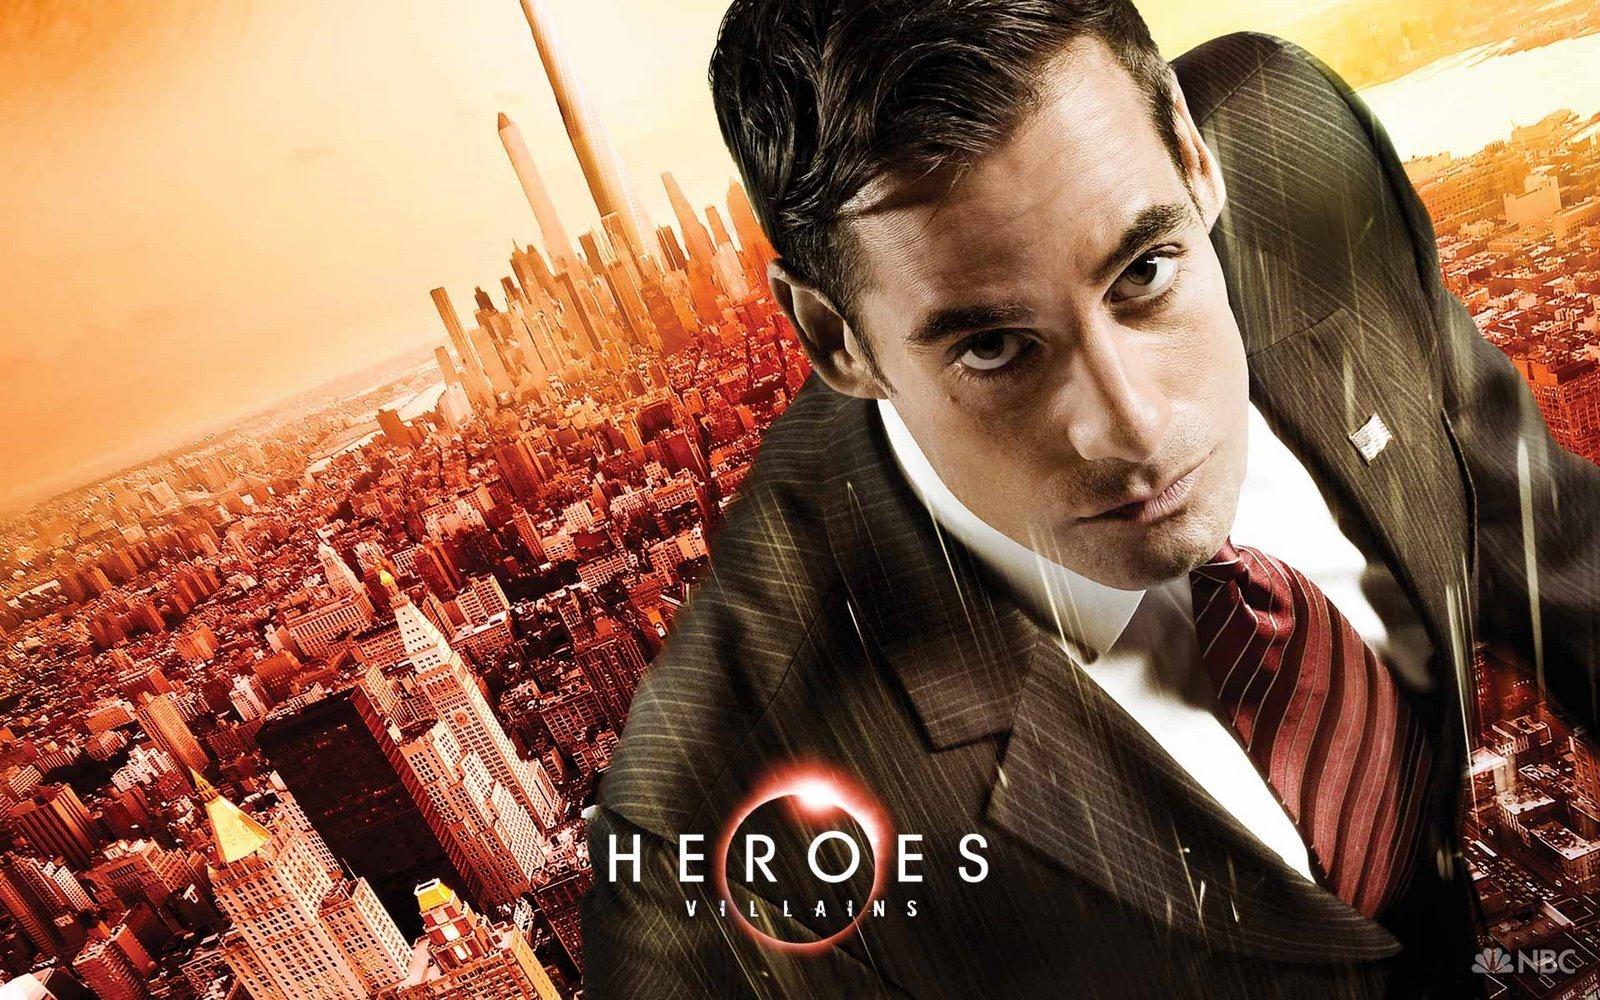 heroes season 1 torrent